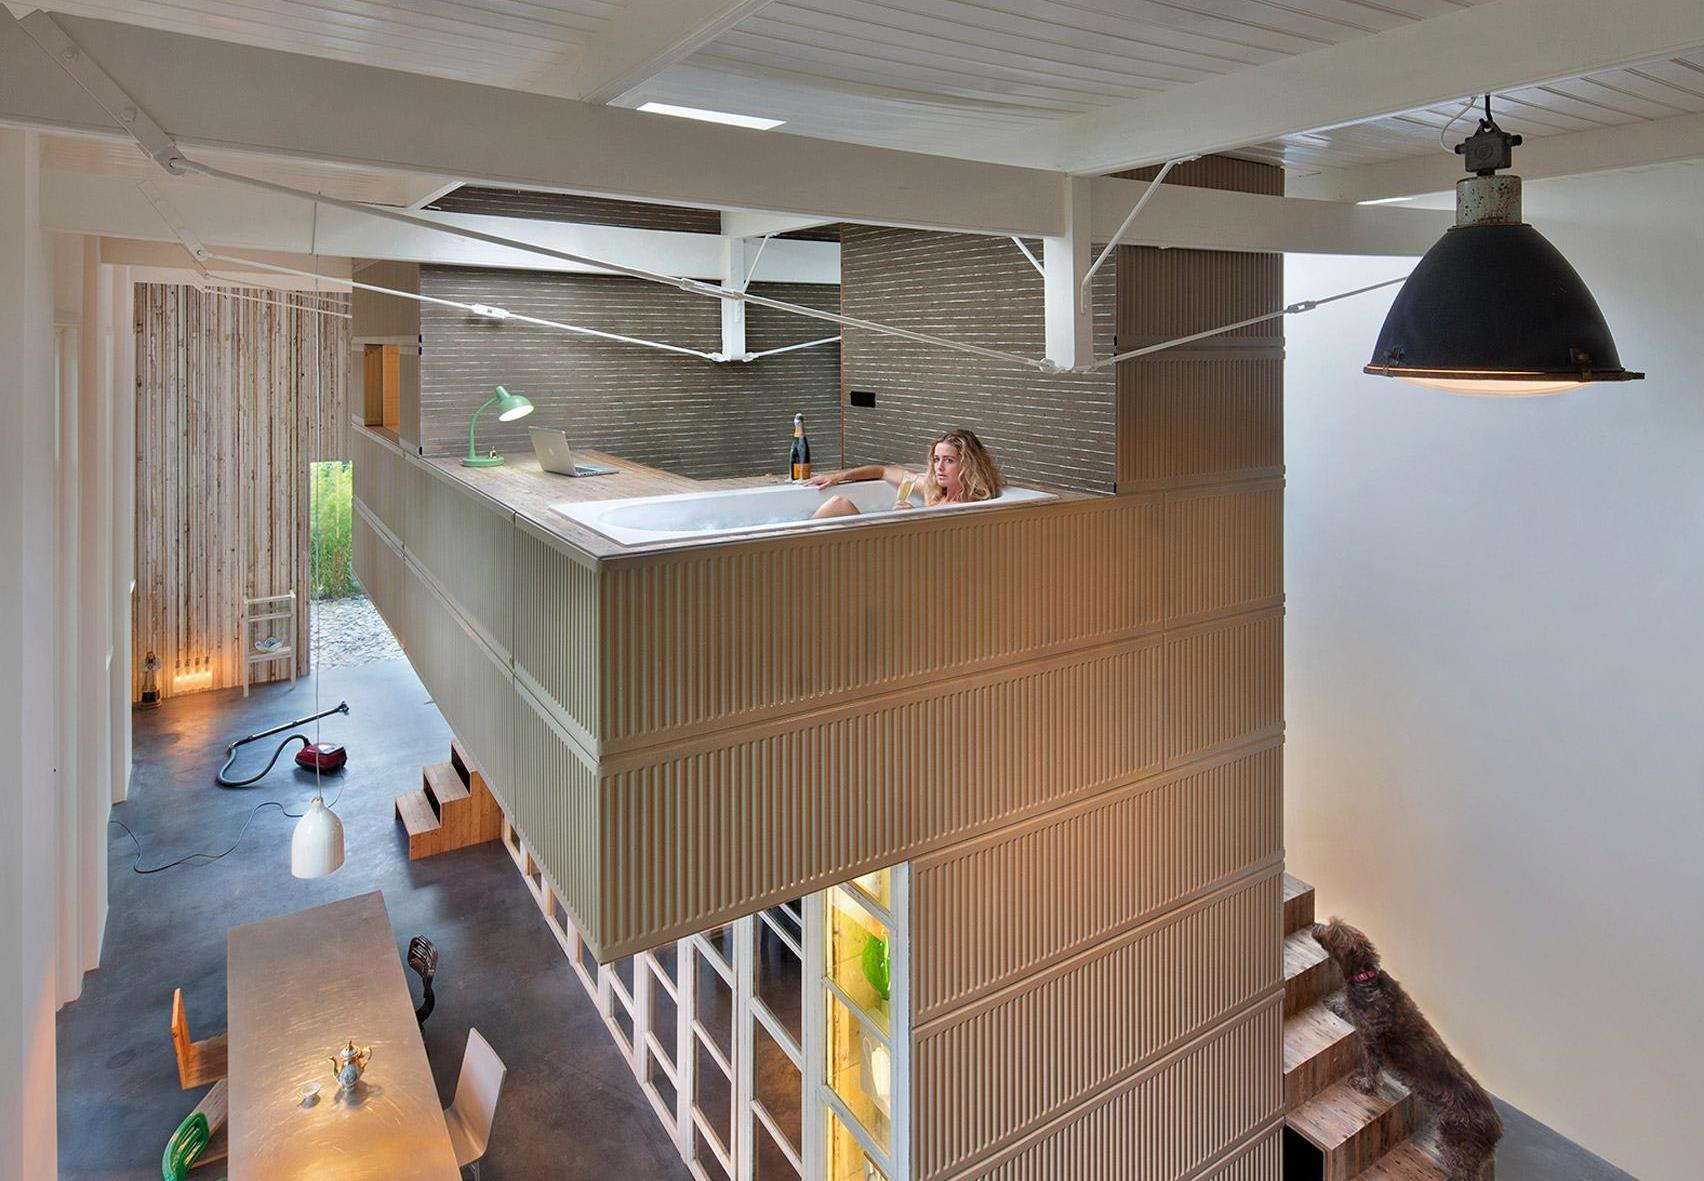 Folosire neobişnuită a spaţiului pe verticală: o baie suspendată